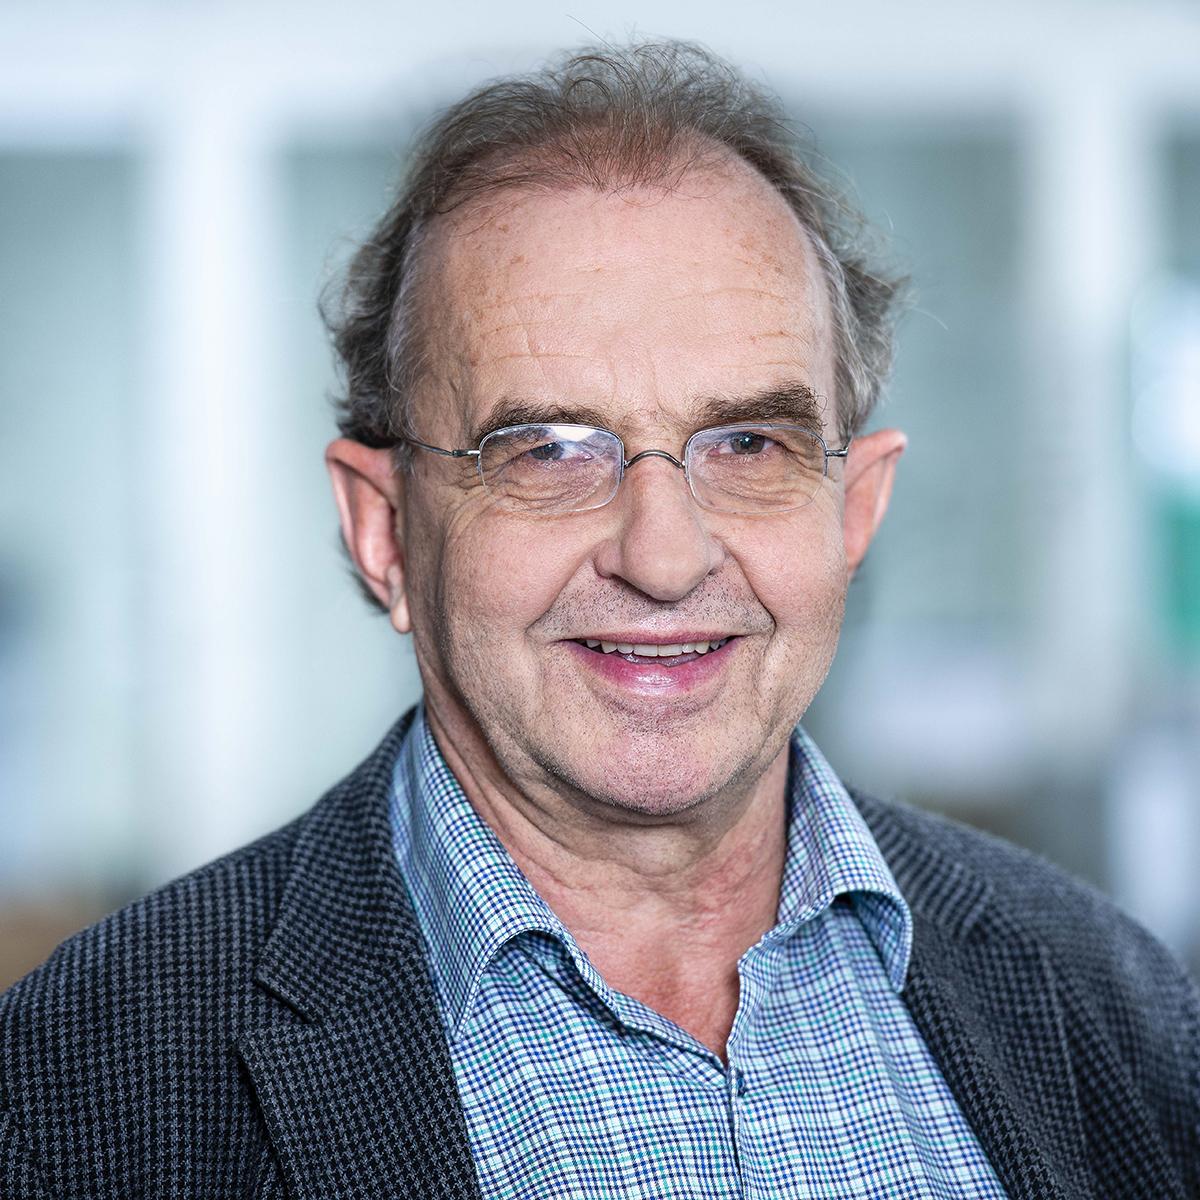 Rota AG Paul Rota